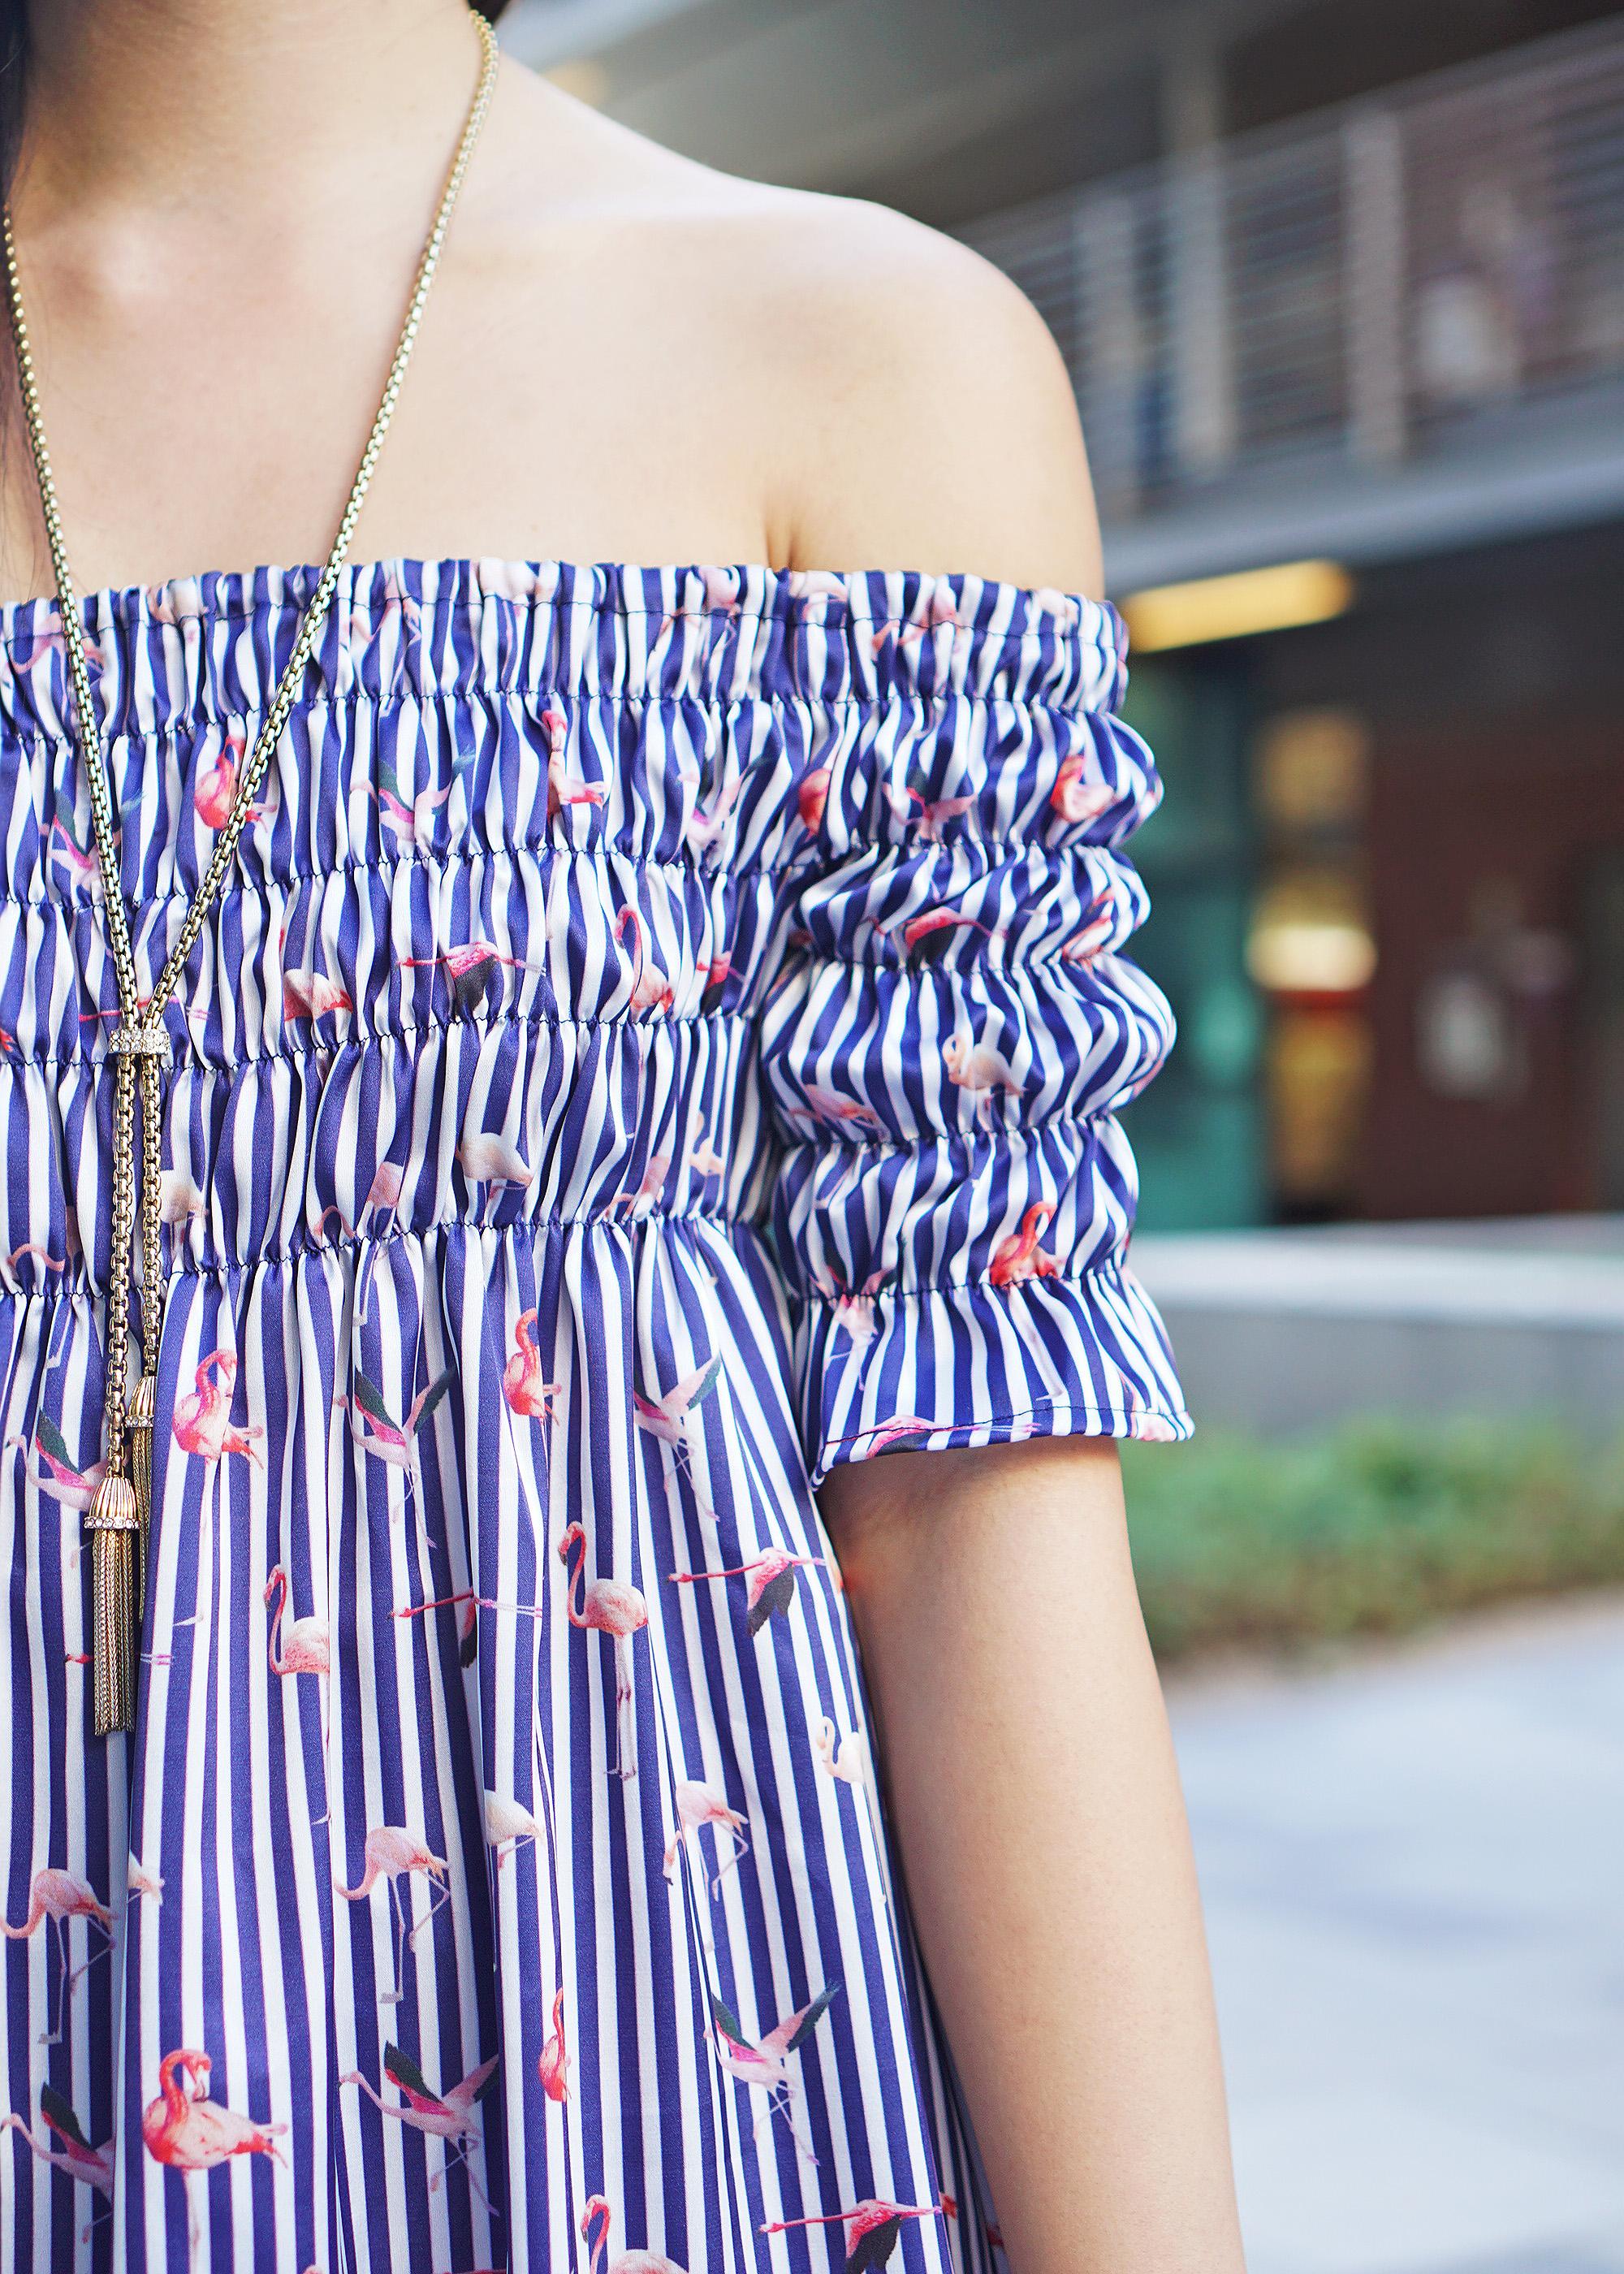 0f58bdb0d0d1 Flamingo Off the Shoulder Dress - Skirt The Rules